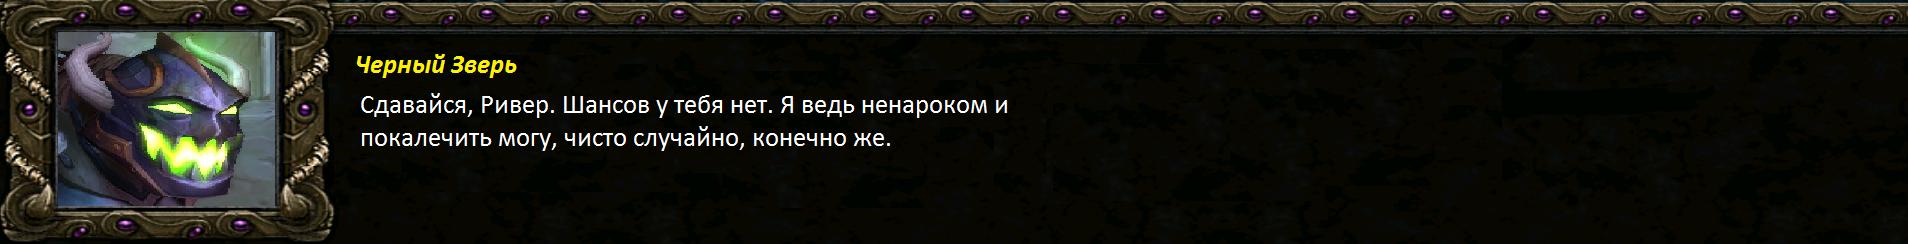 Шаблон ДкВар реборн 13.4